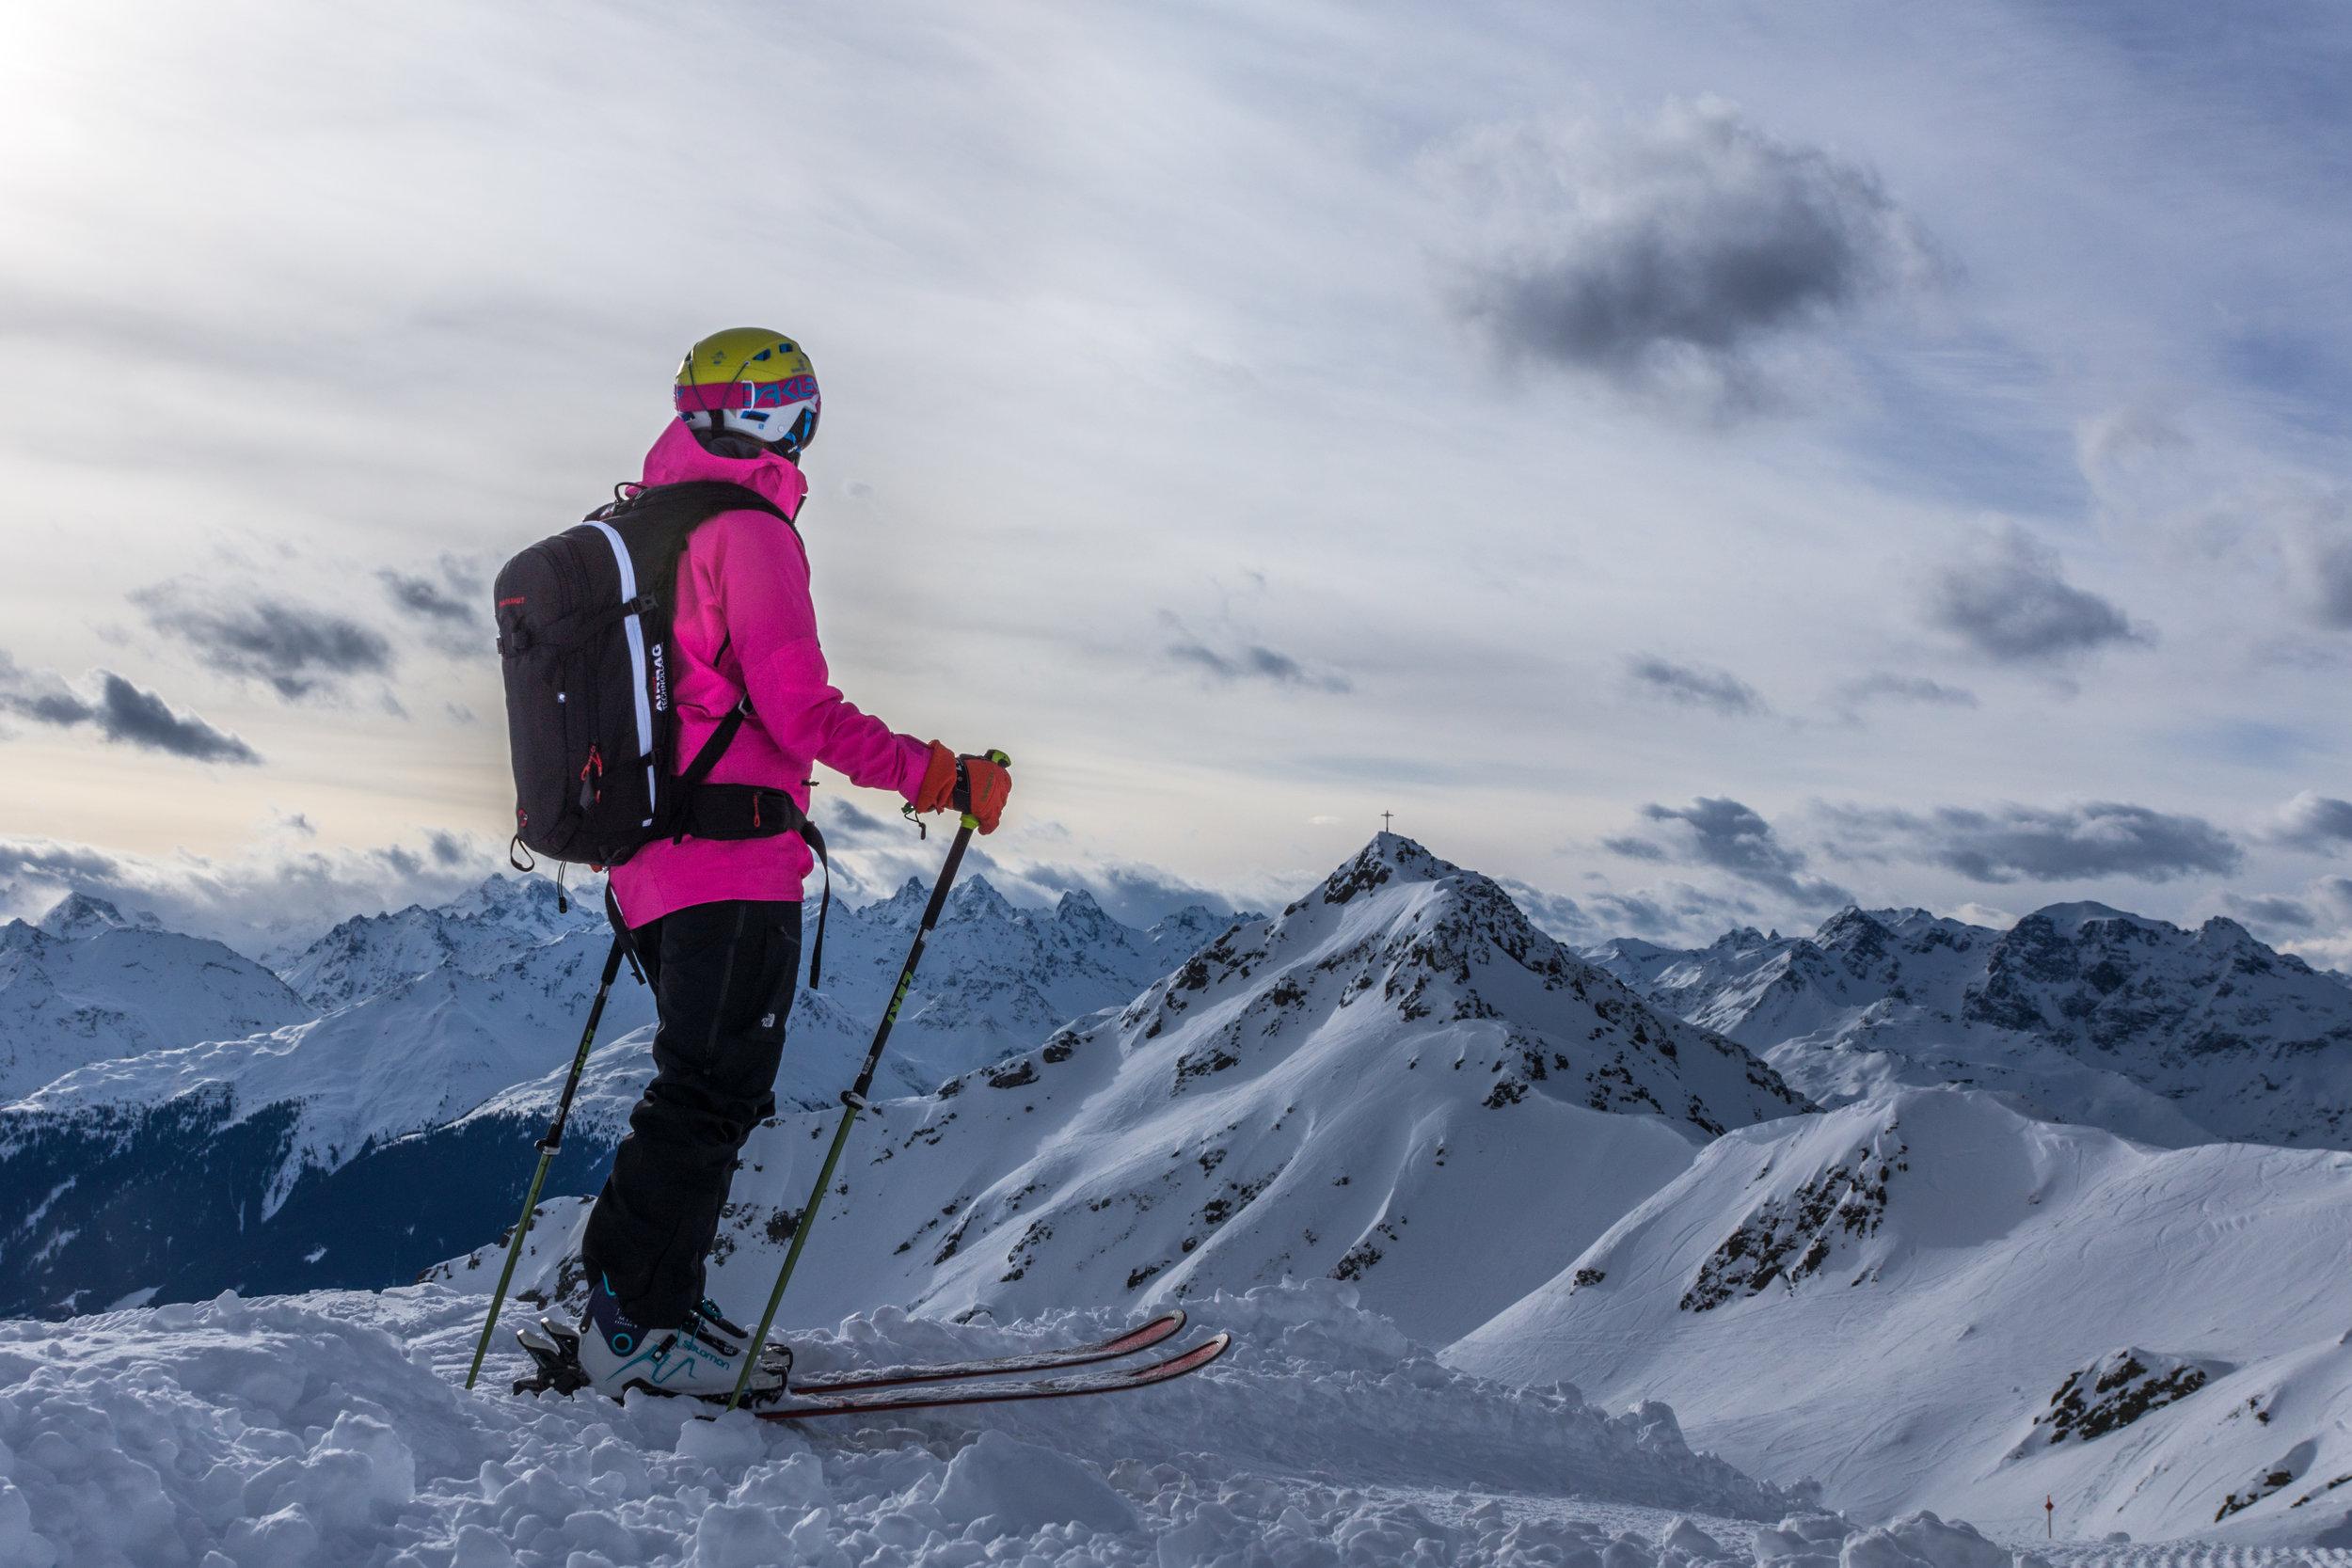 Skiing touring, Austria, Vorarlberg. Ski Ride off piste. Montanan